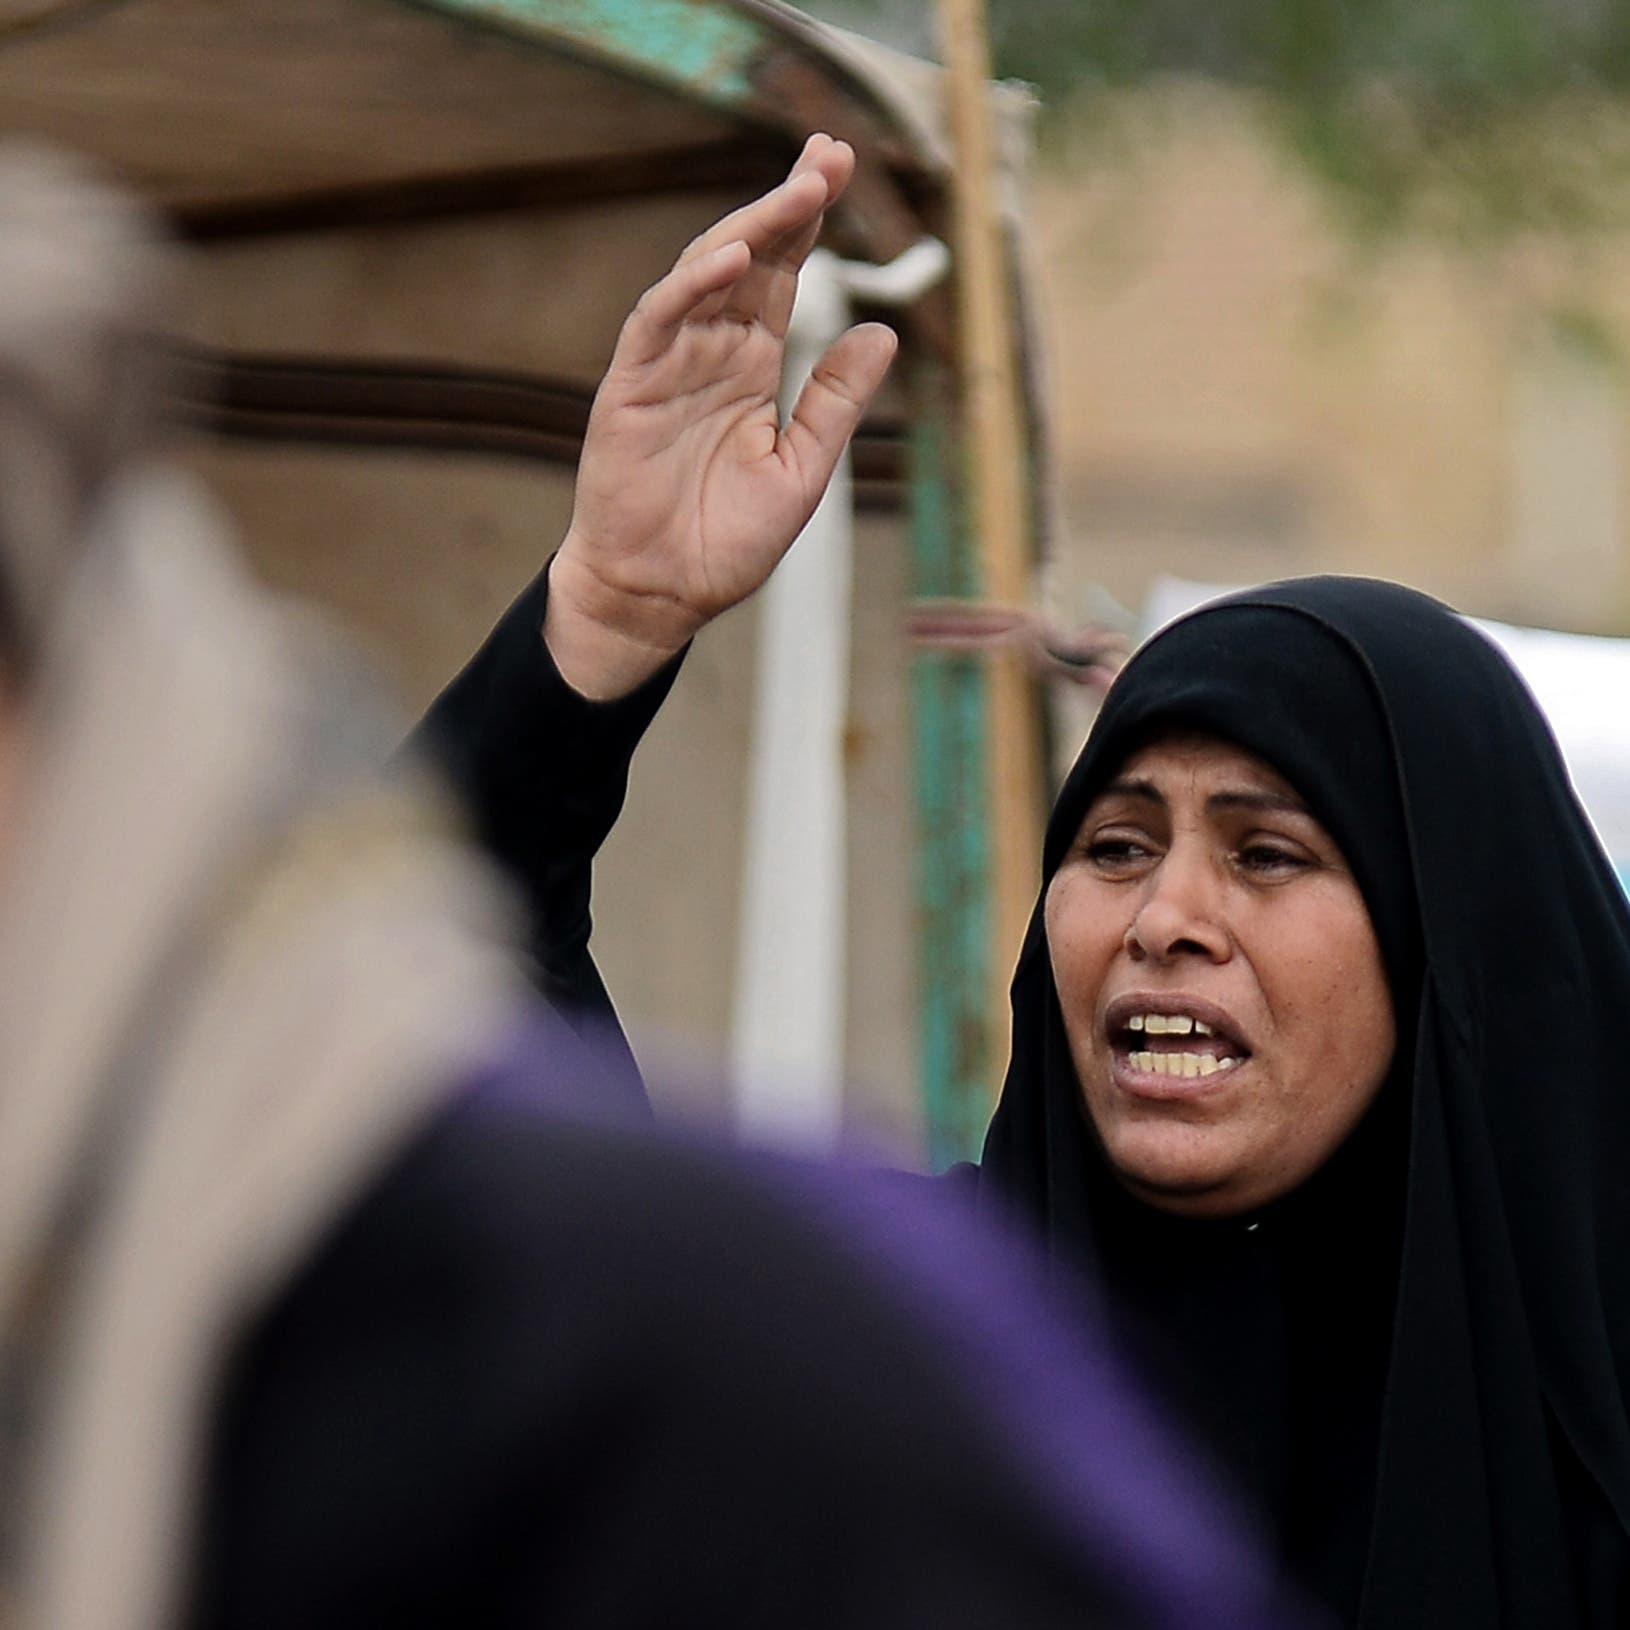 أم عراقية تصرخ مفجوعة فوق جثة ولدها: ارجع يا يمه